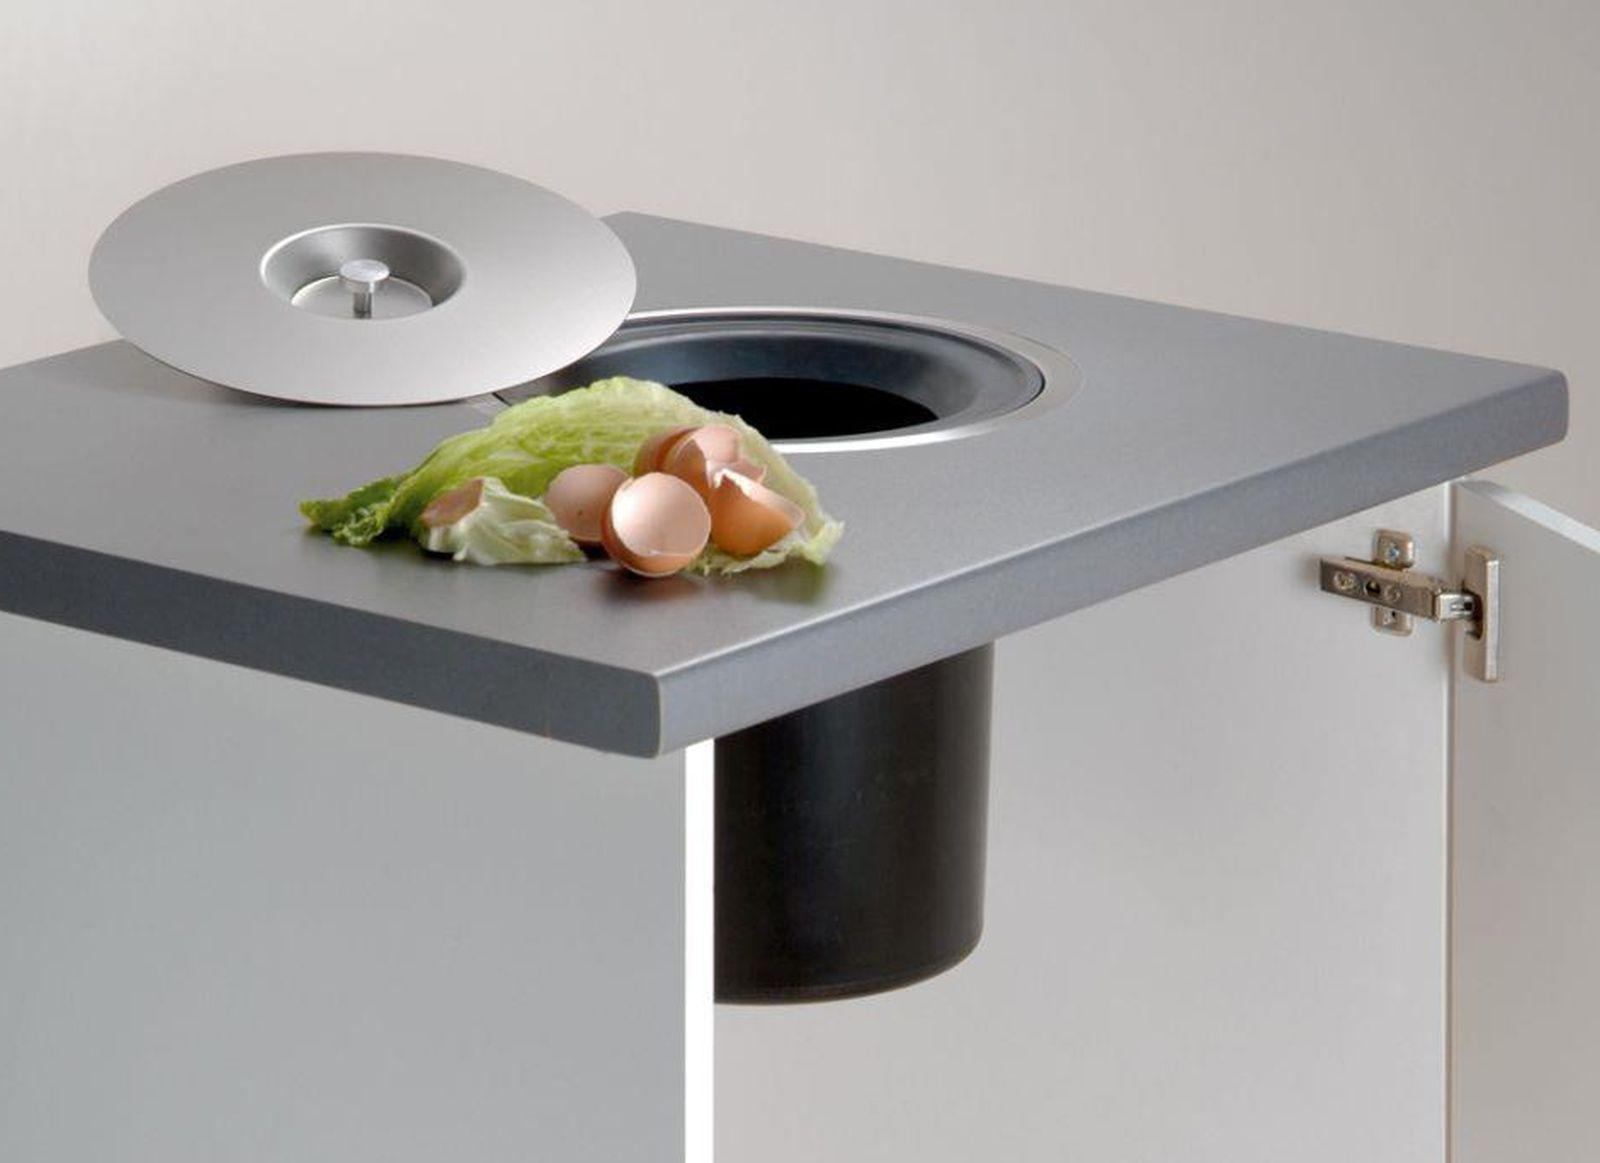 Beautiful Komposteimer Für Die Küche Photos - Ridgewayng.com ...